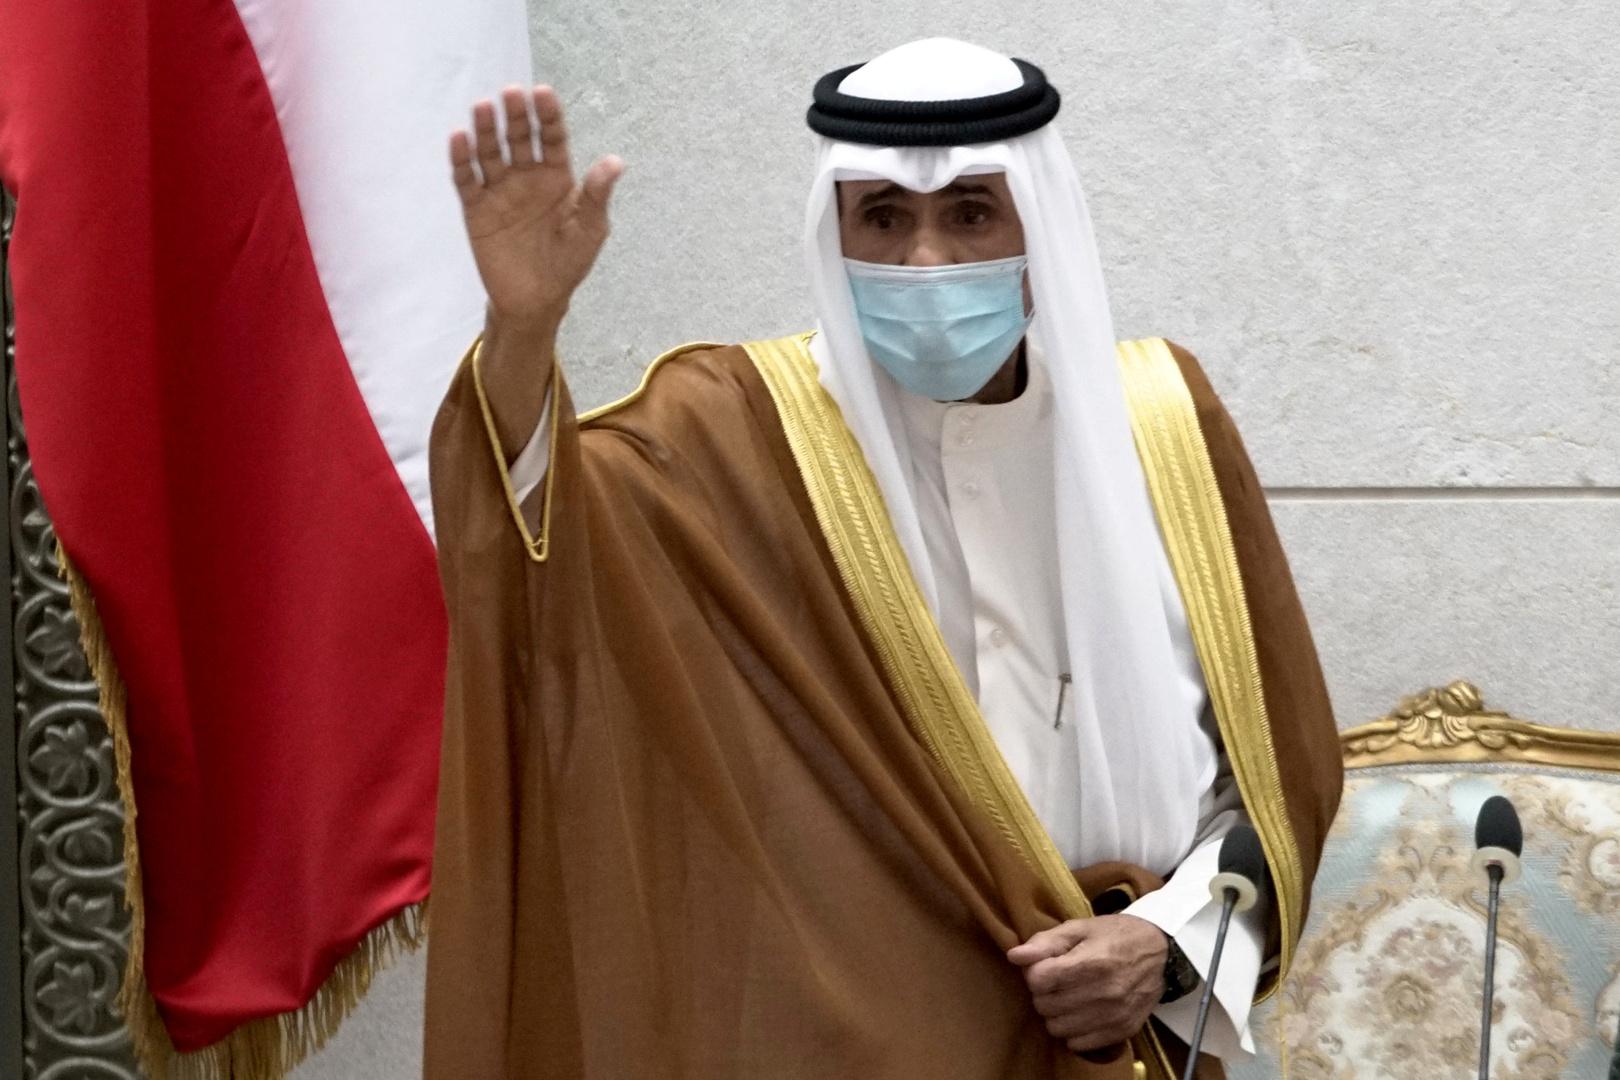 أمير الكويت يتلقى دعوة من الملك السعودي لحضور القمة الخليجية